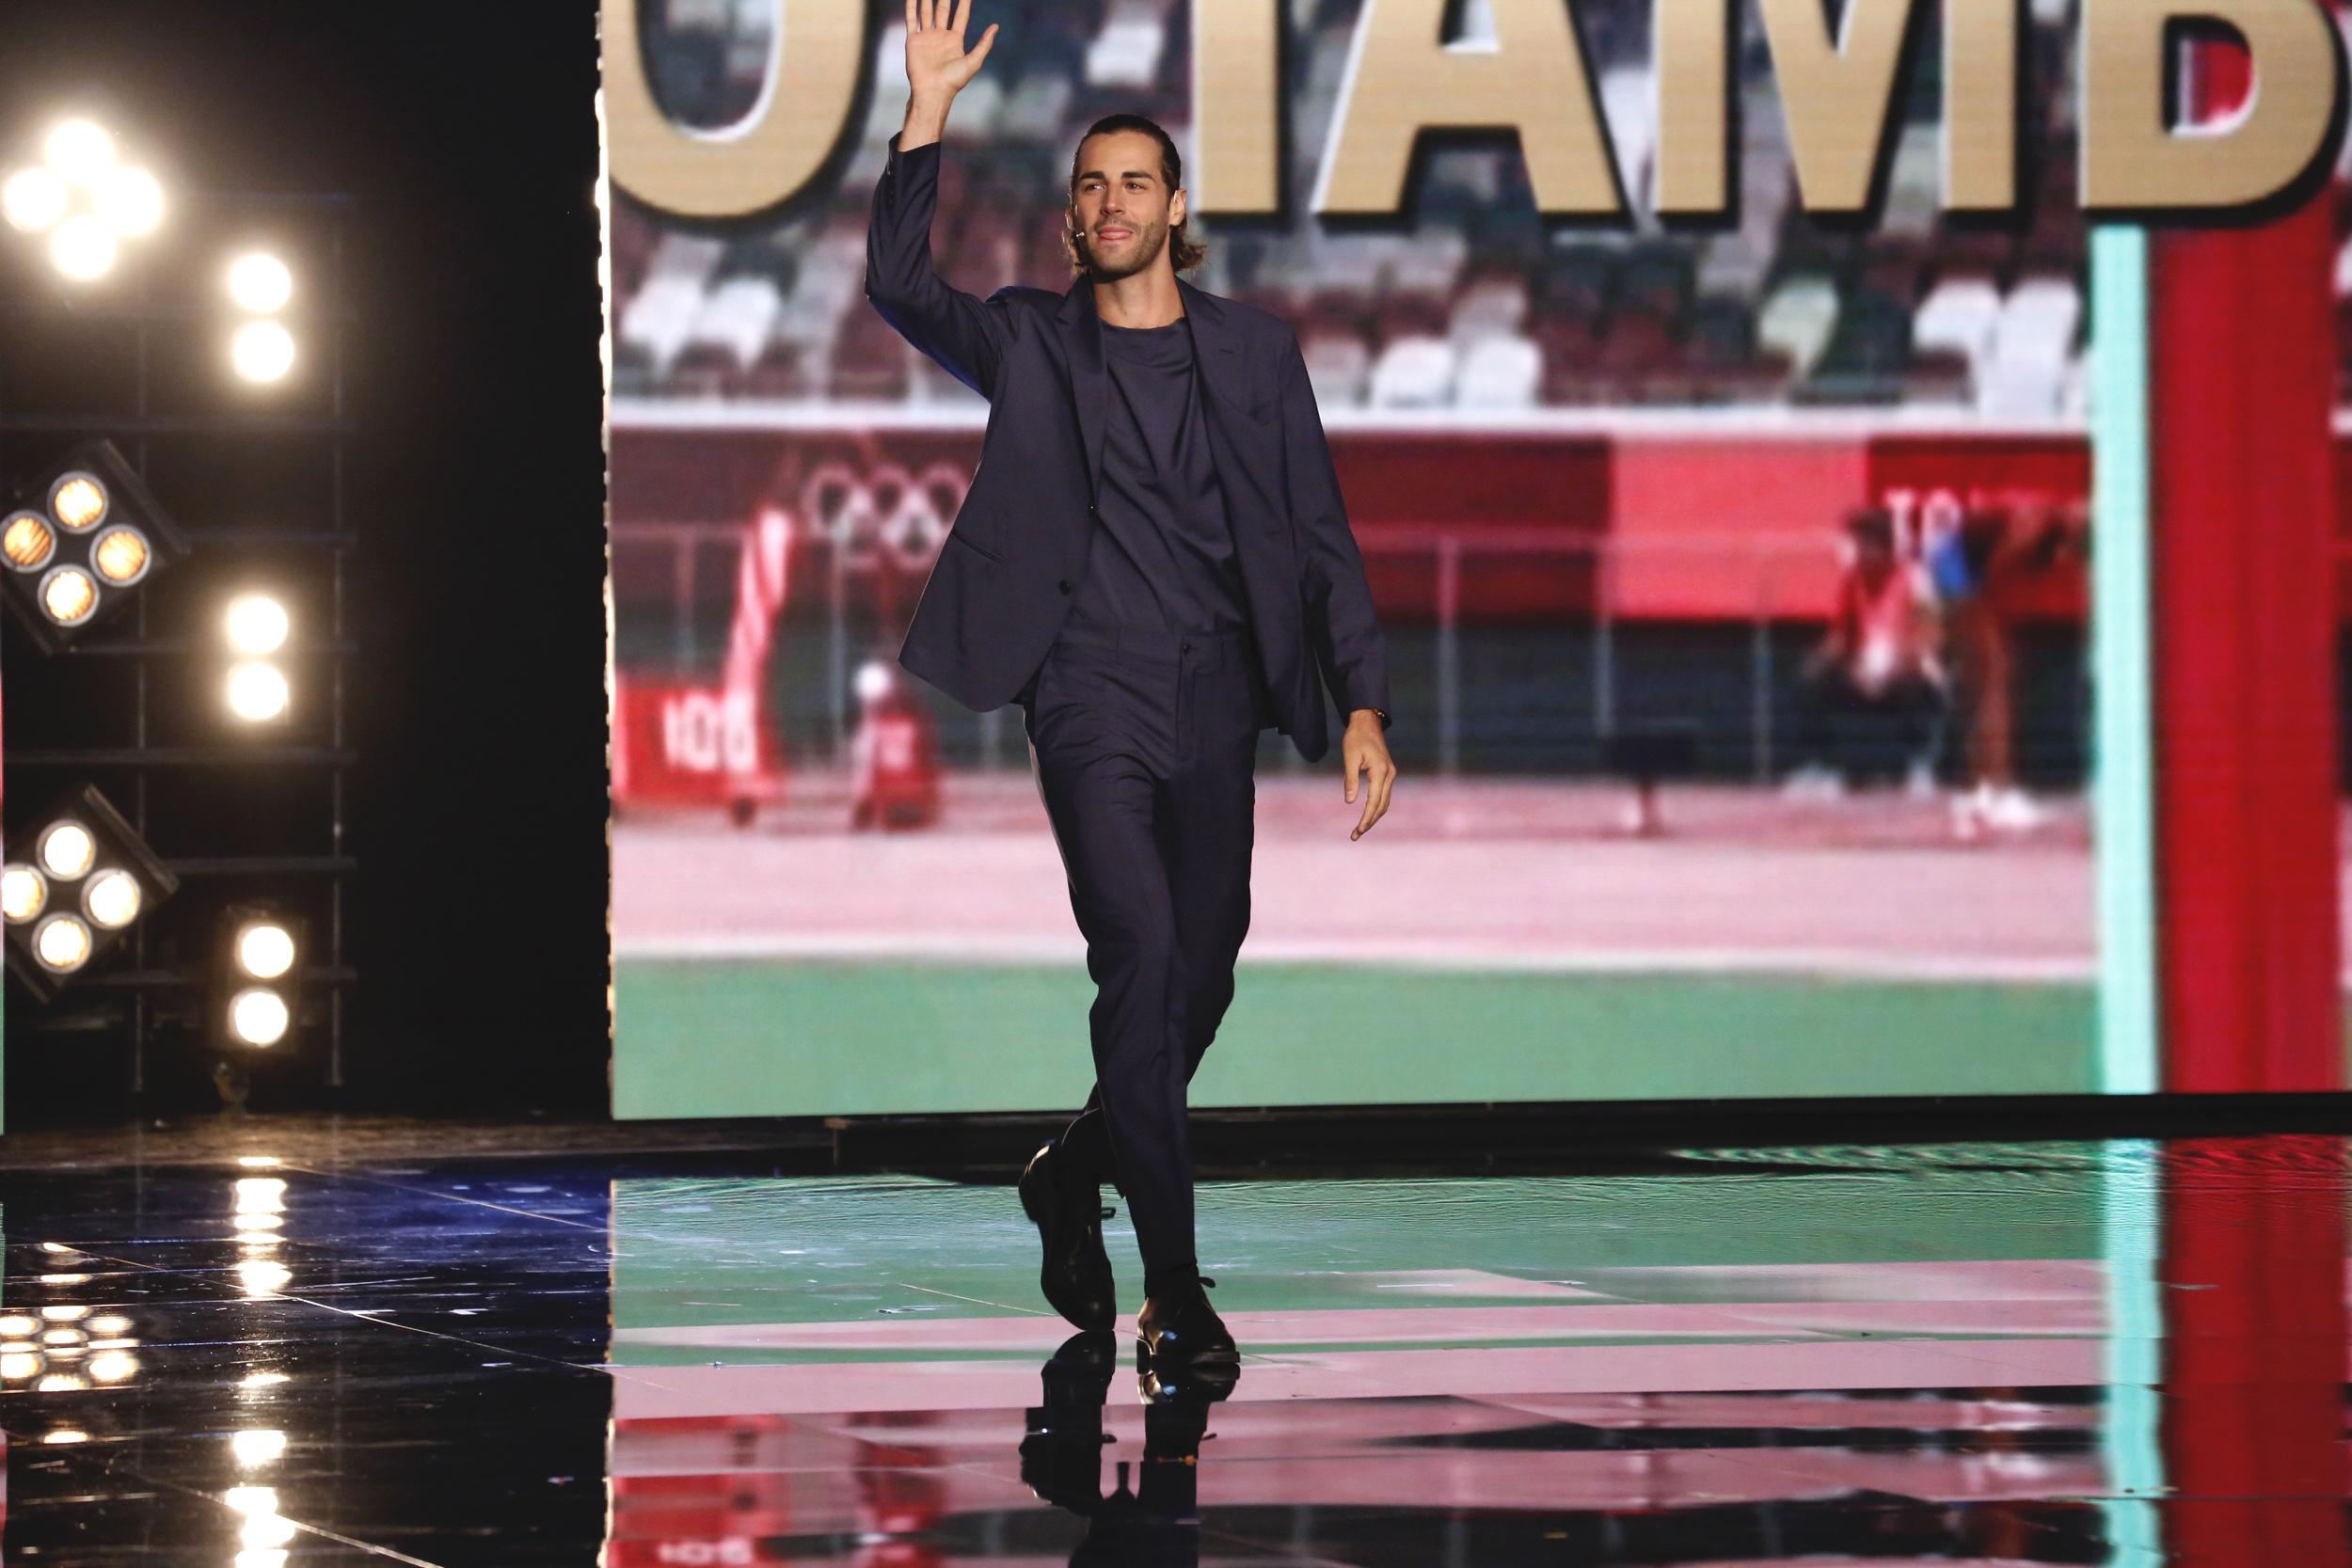 Live 18 settembre 2021 · Tu si que vales 2021 prima puntata. Con Belen Rodriguez, Martin Castrogiovanni e Alessio Sakara, su Canale5